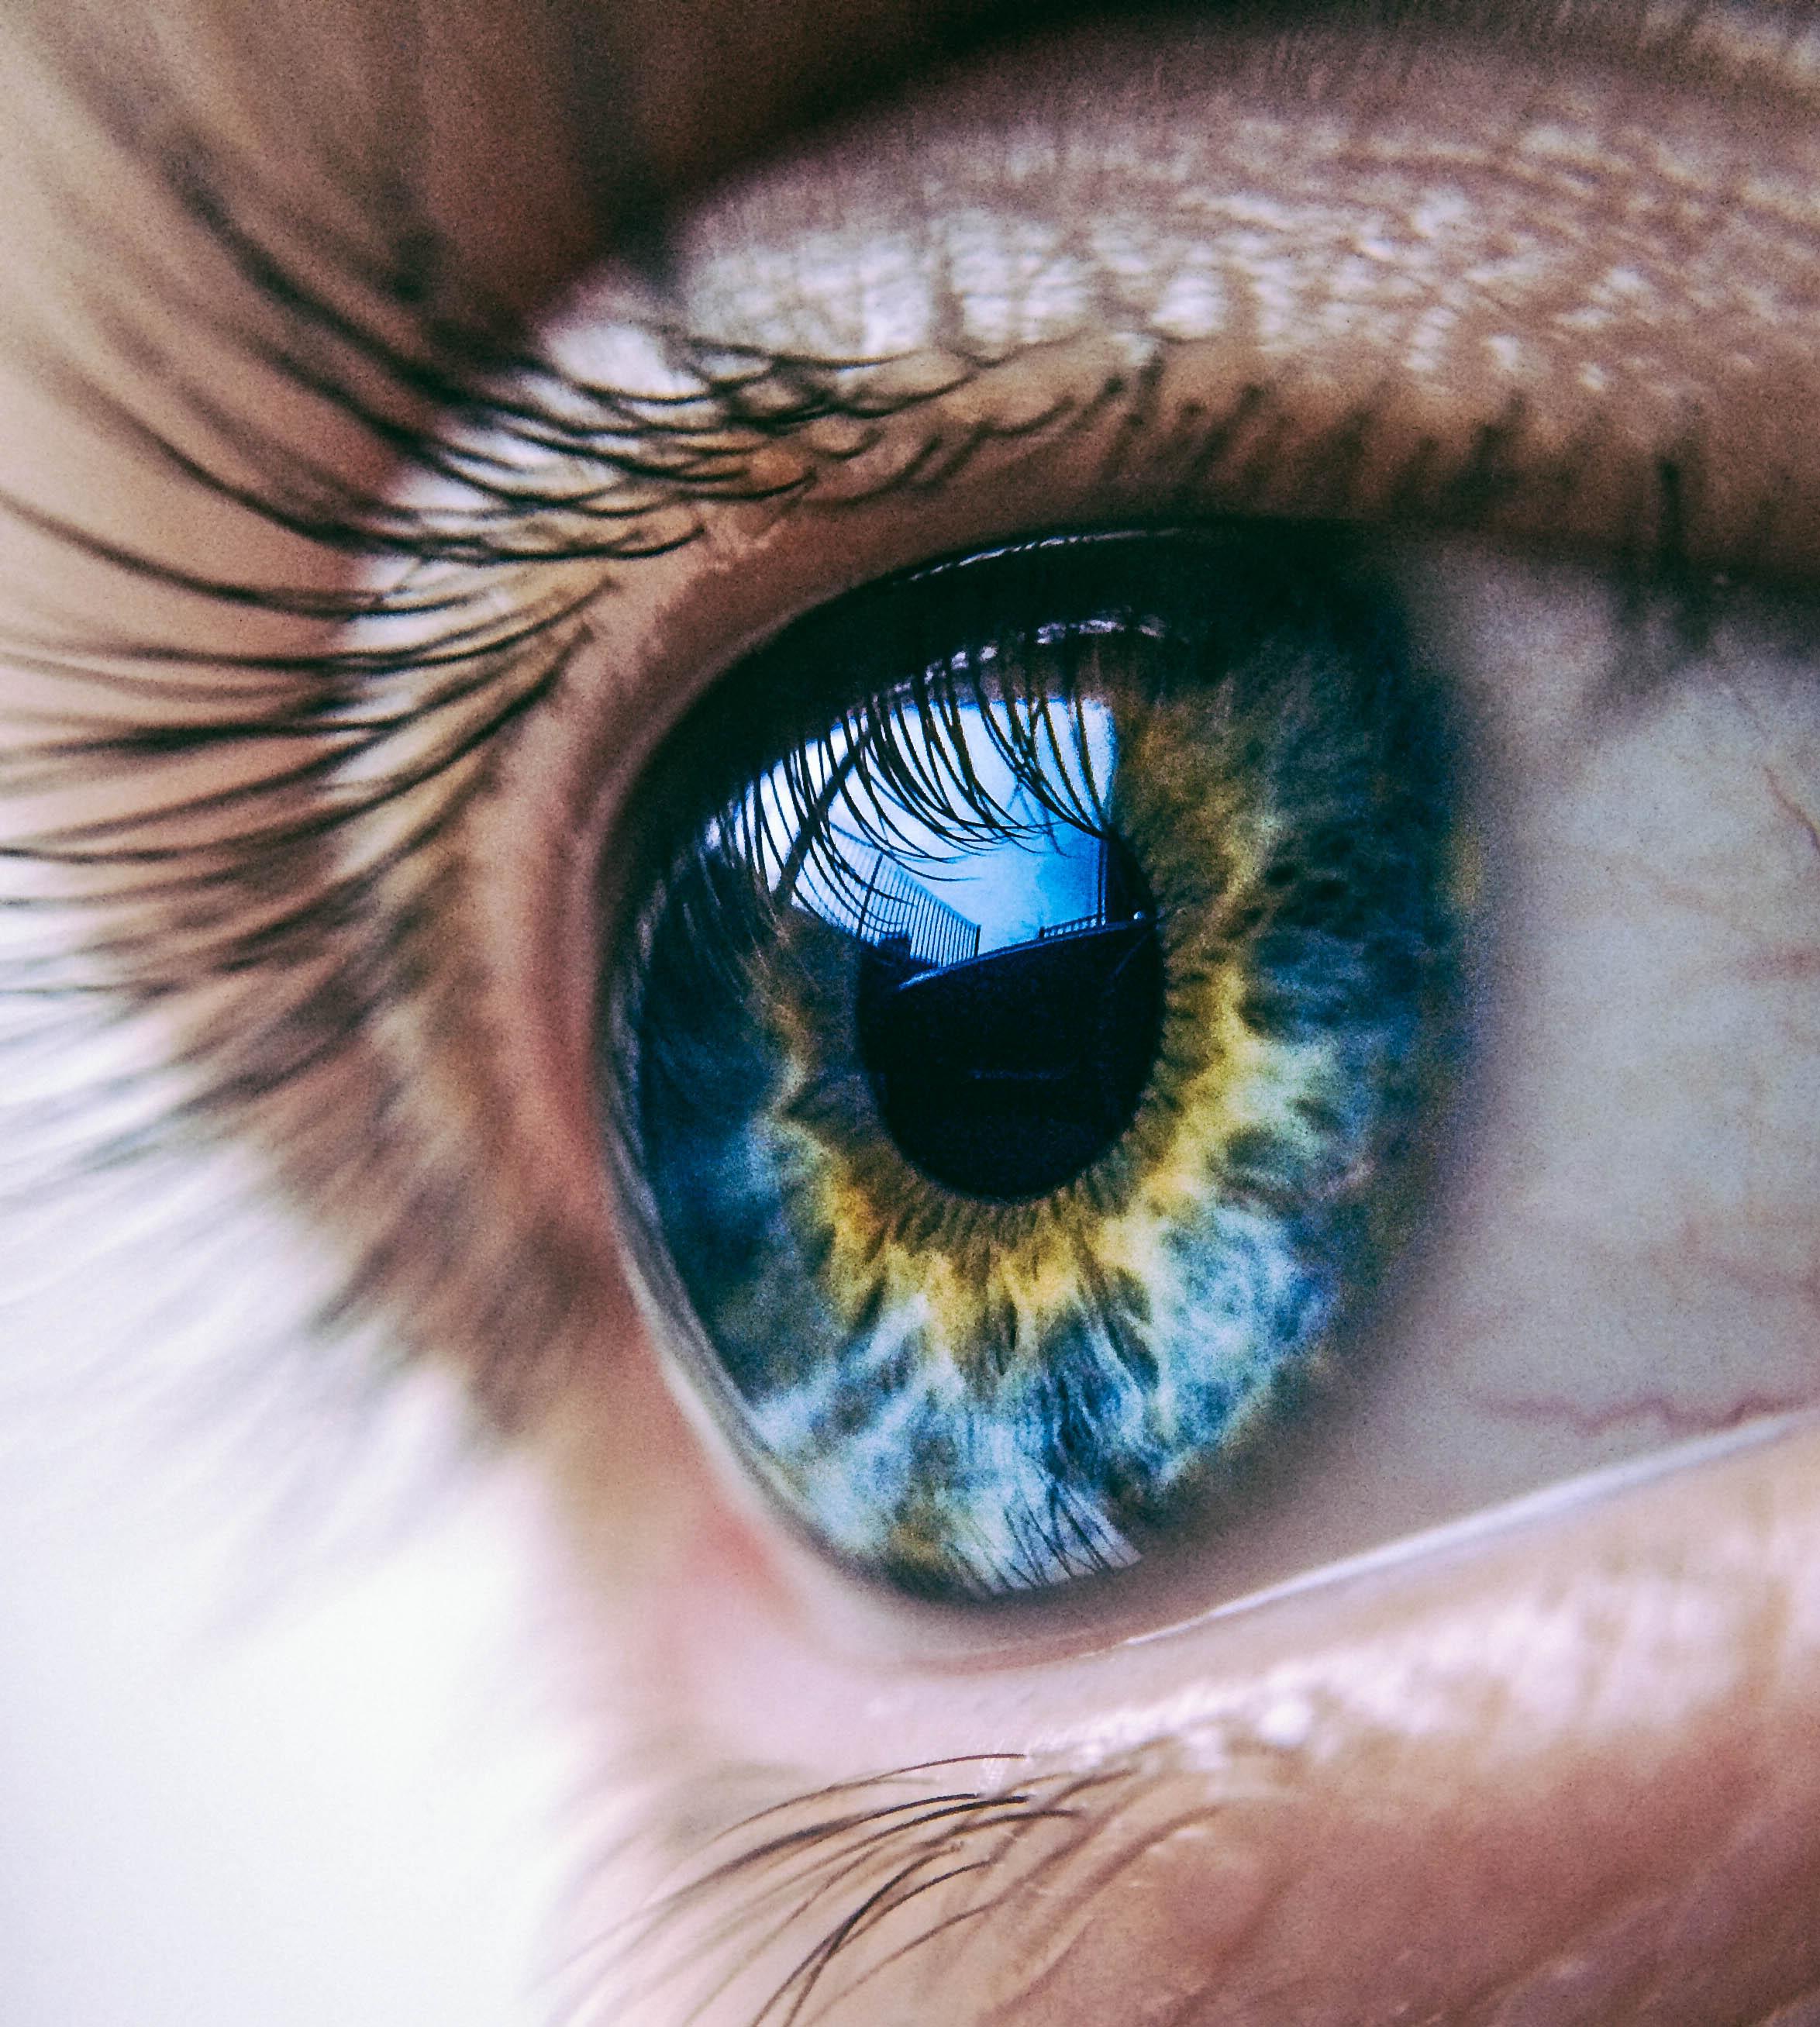 Free photo: Eye Close up - Child, Close, Closeup - Free ...